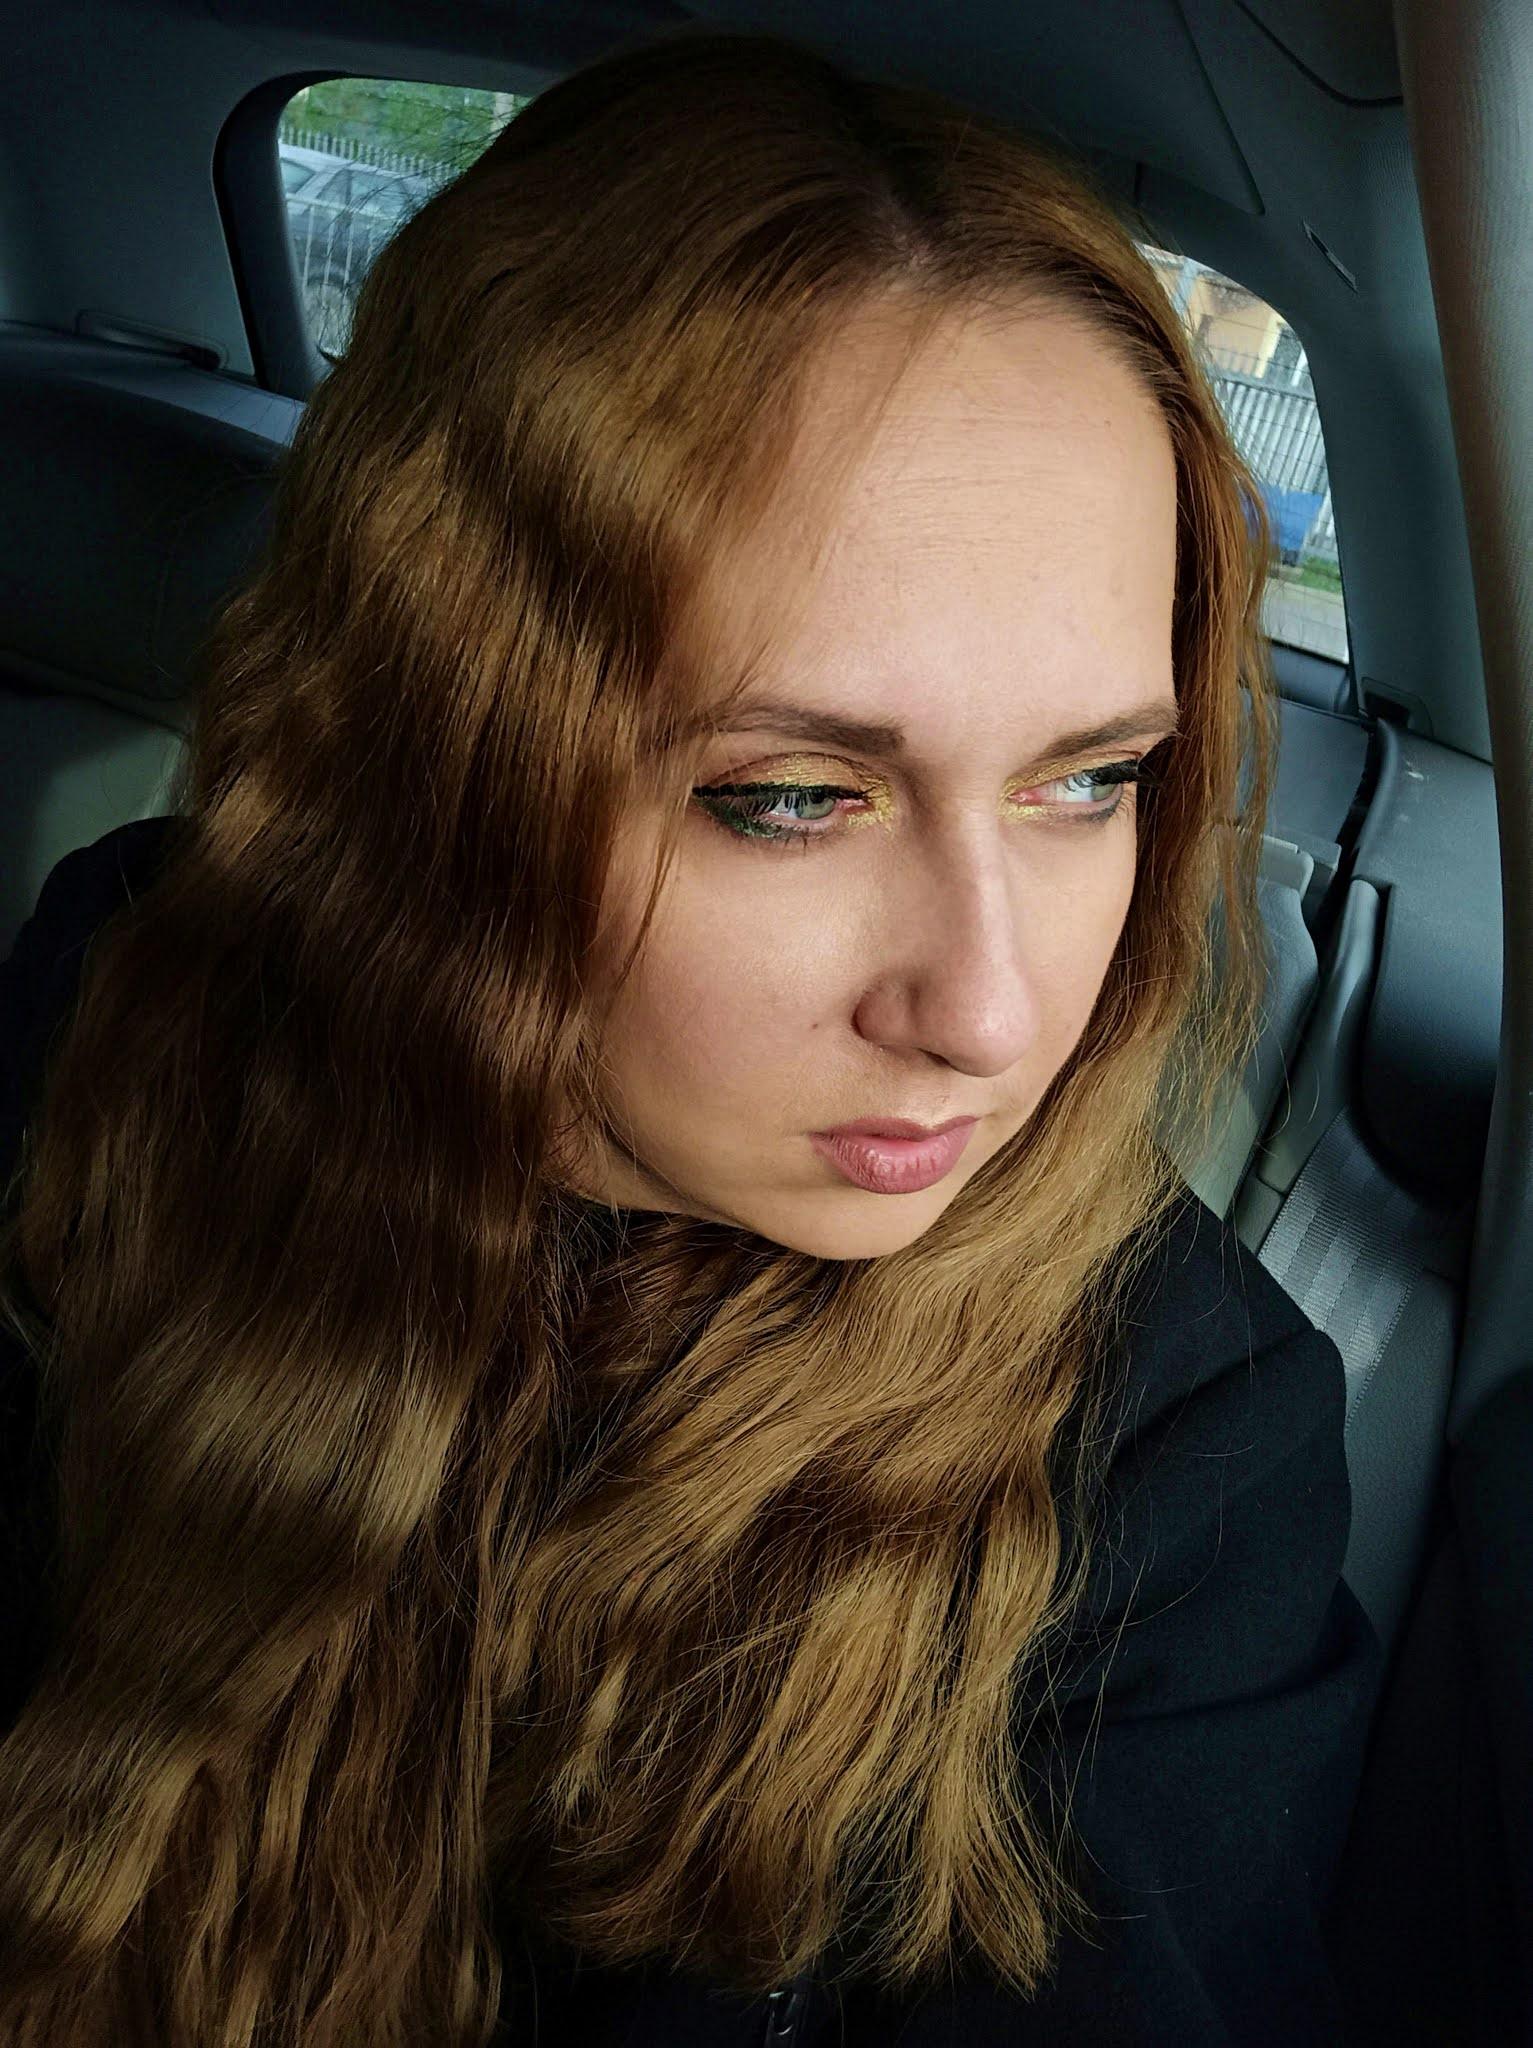 Valera Wave Master falownica do włosów - fryzomania.pl